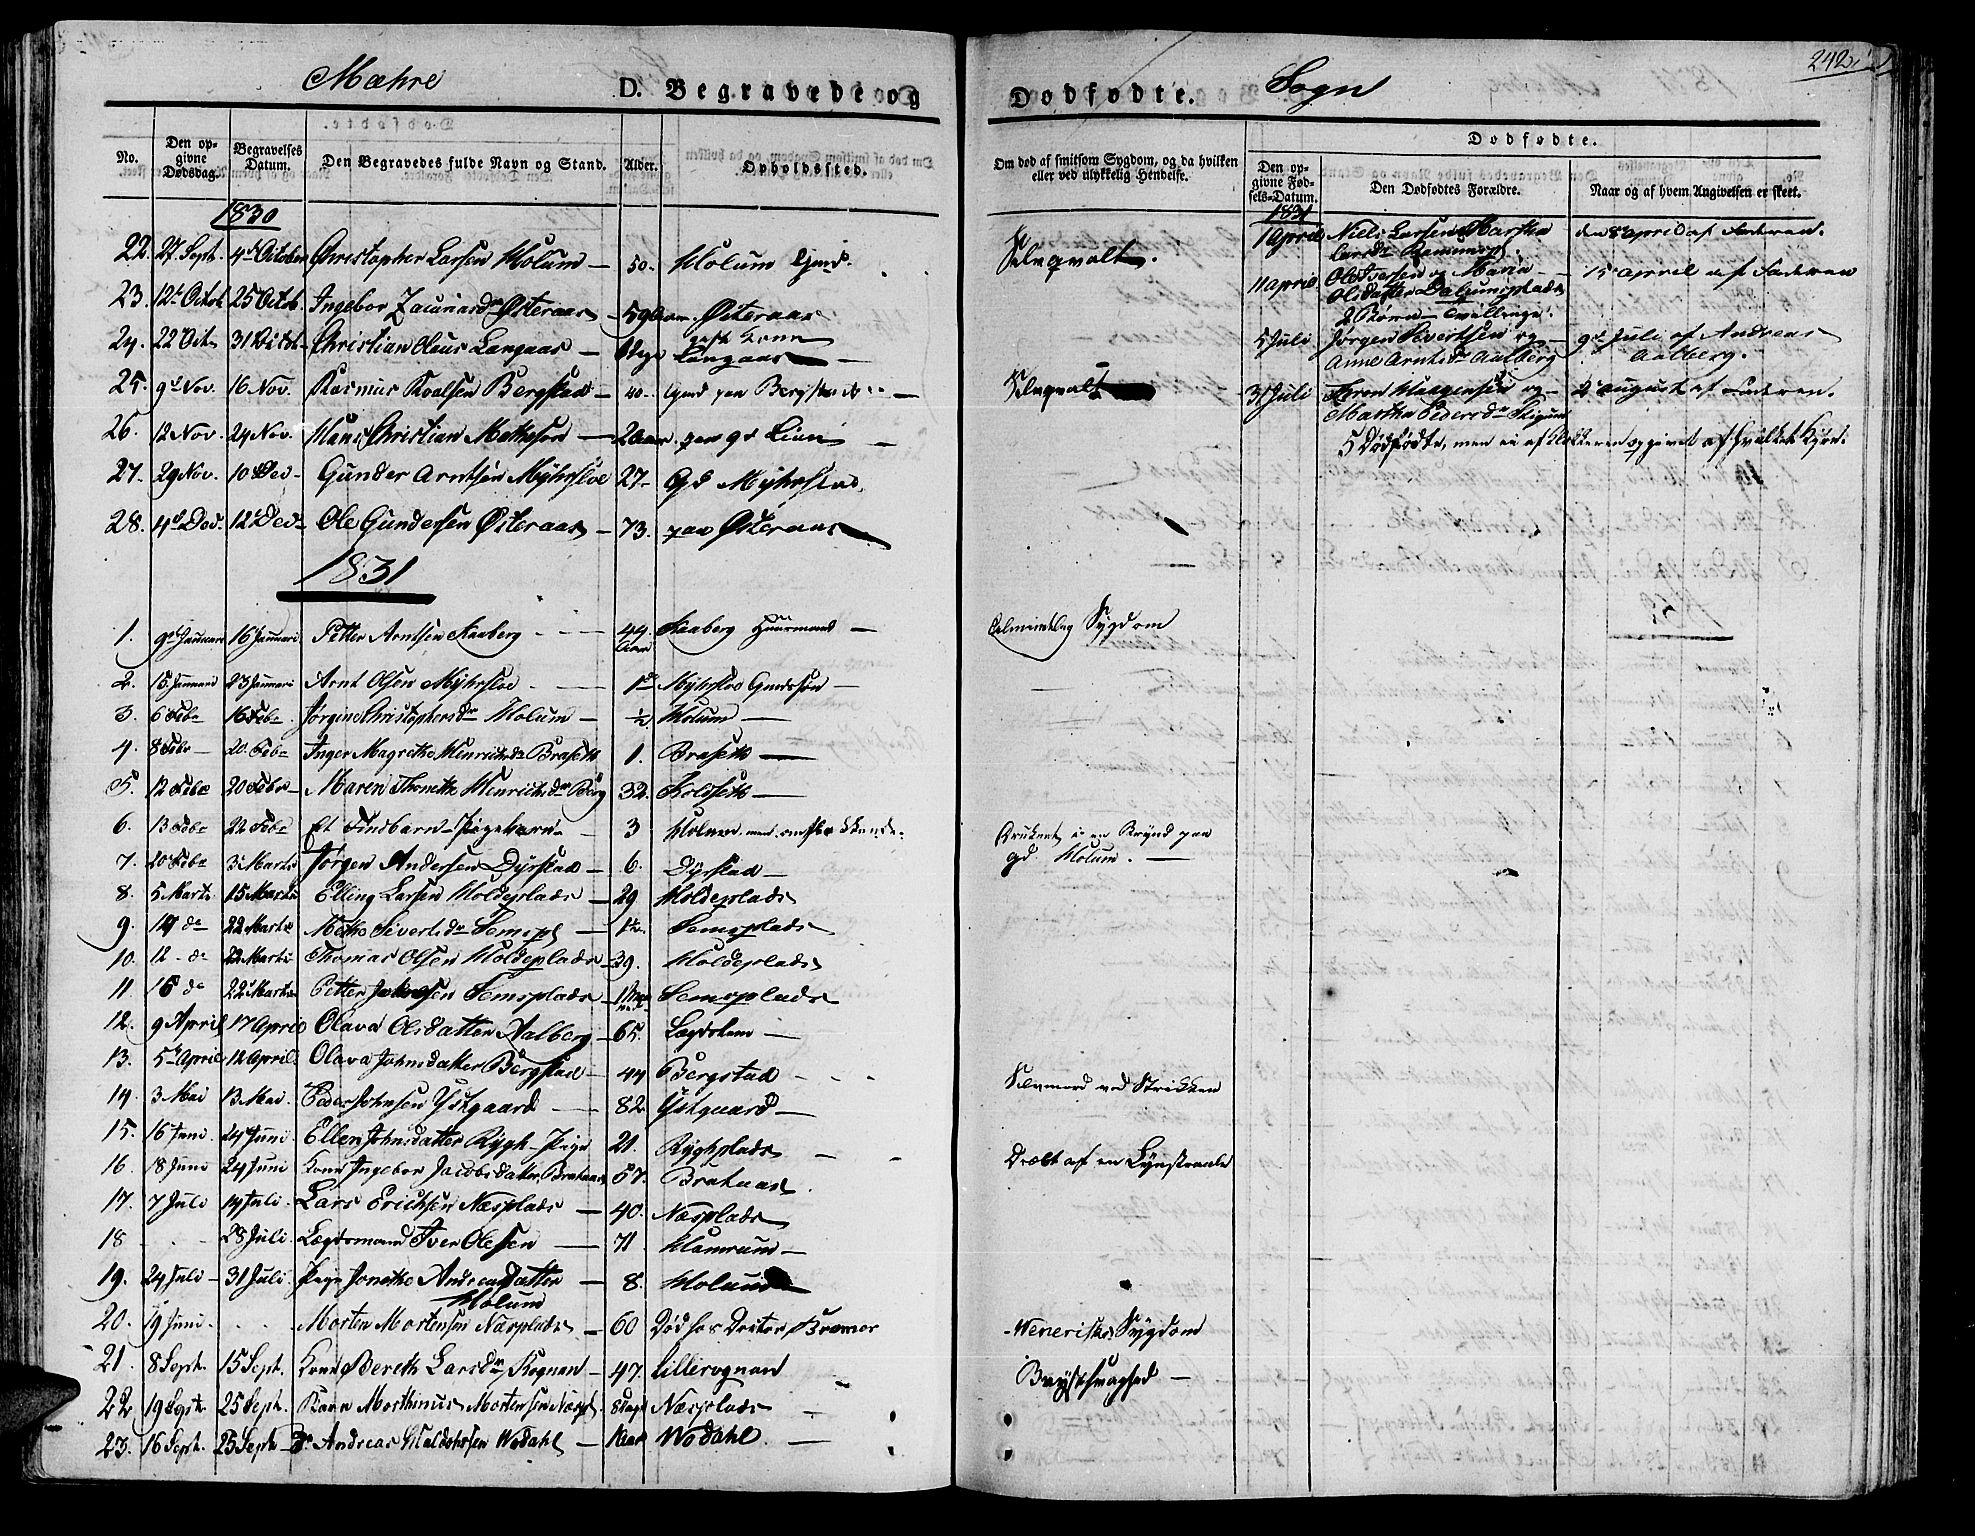 SAT, Ministerialprotokoller, klokkerbøker og fødselsregistre - Nord-Trøndelag, 735/L0336: Ministerialbok nr. 735A05 /1, 1825-1835, s. 242